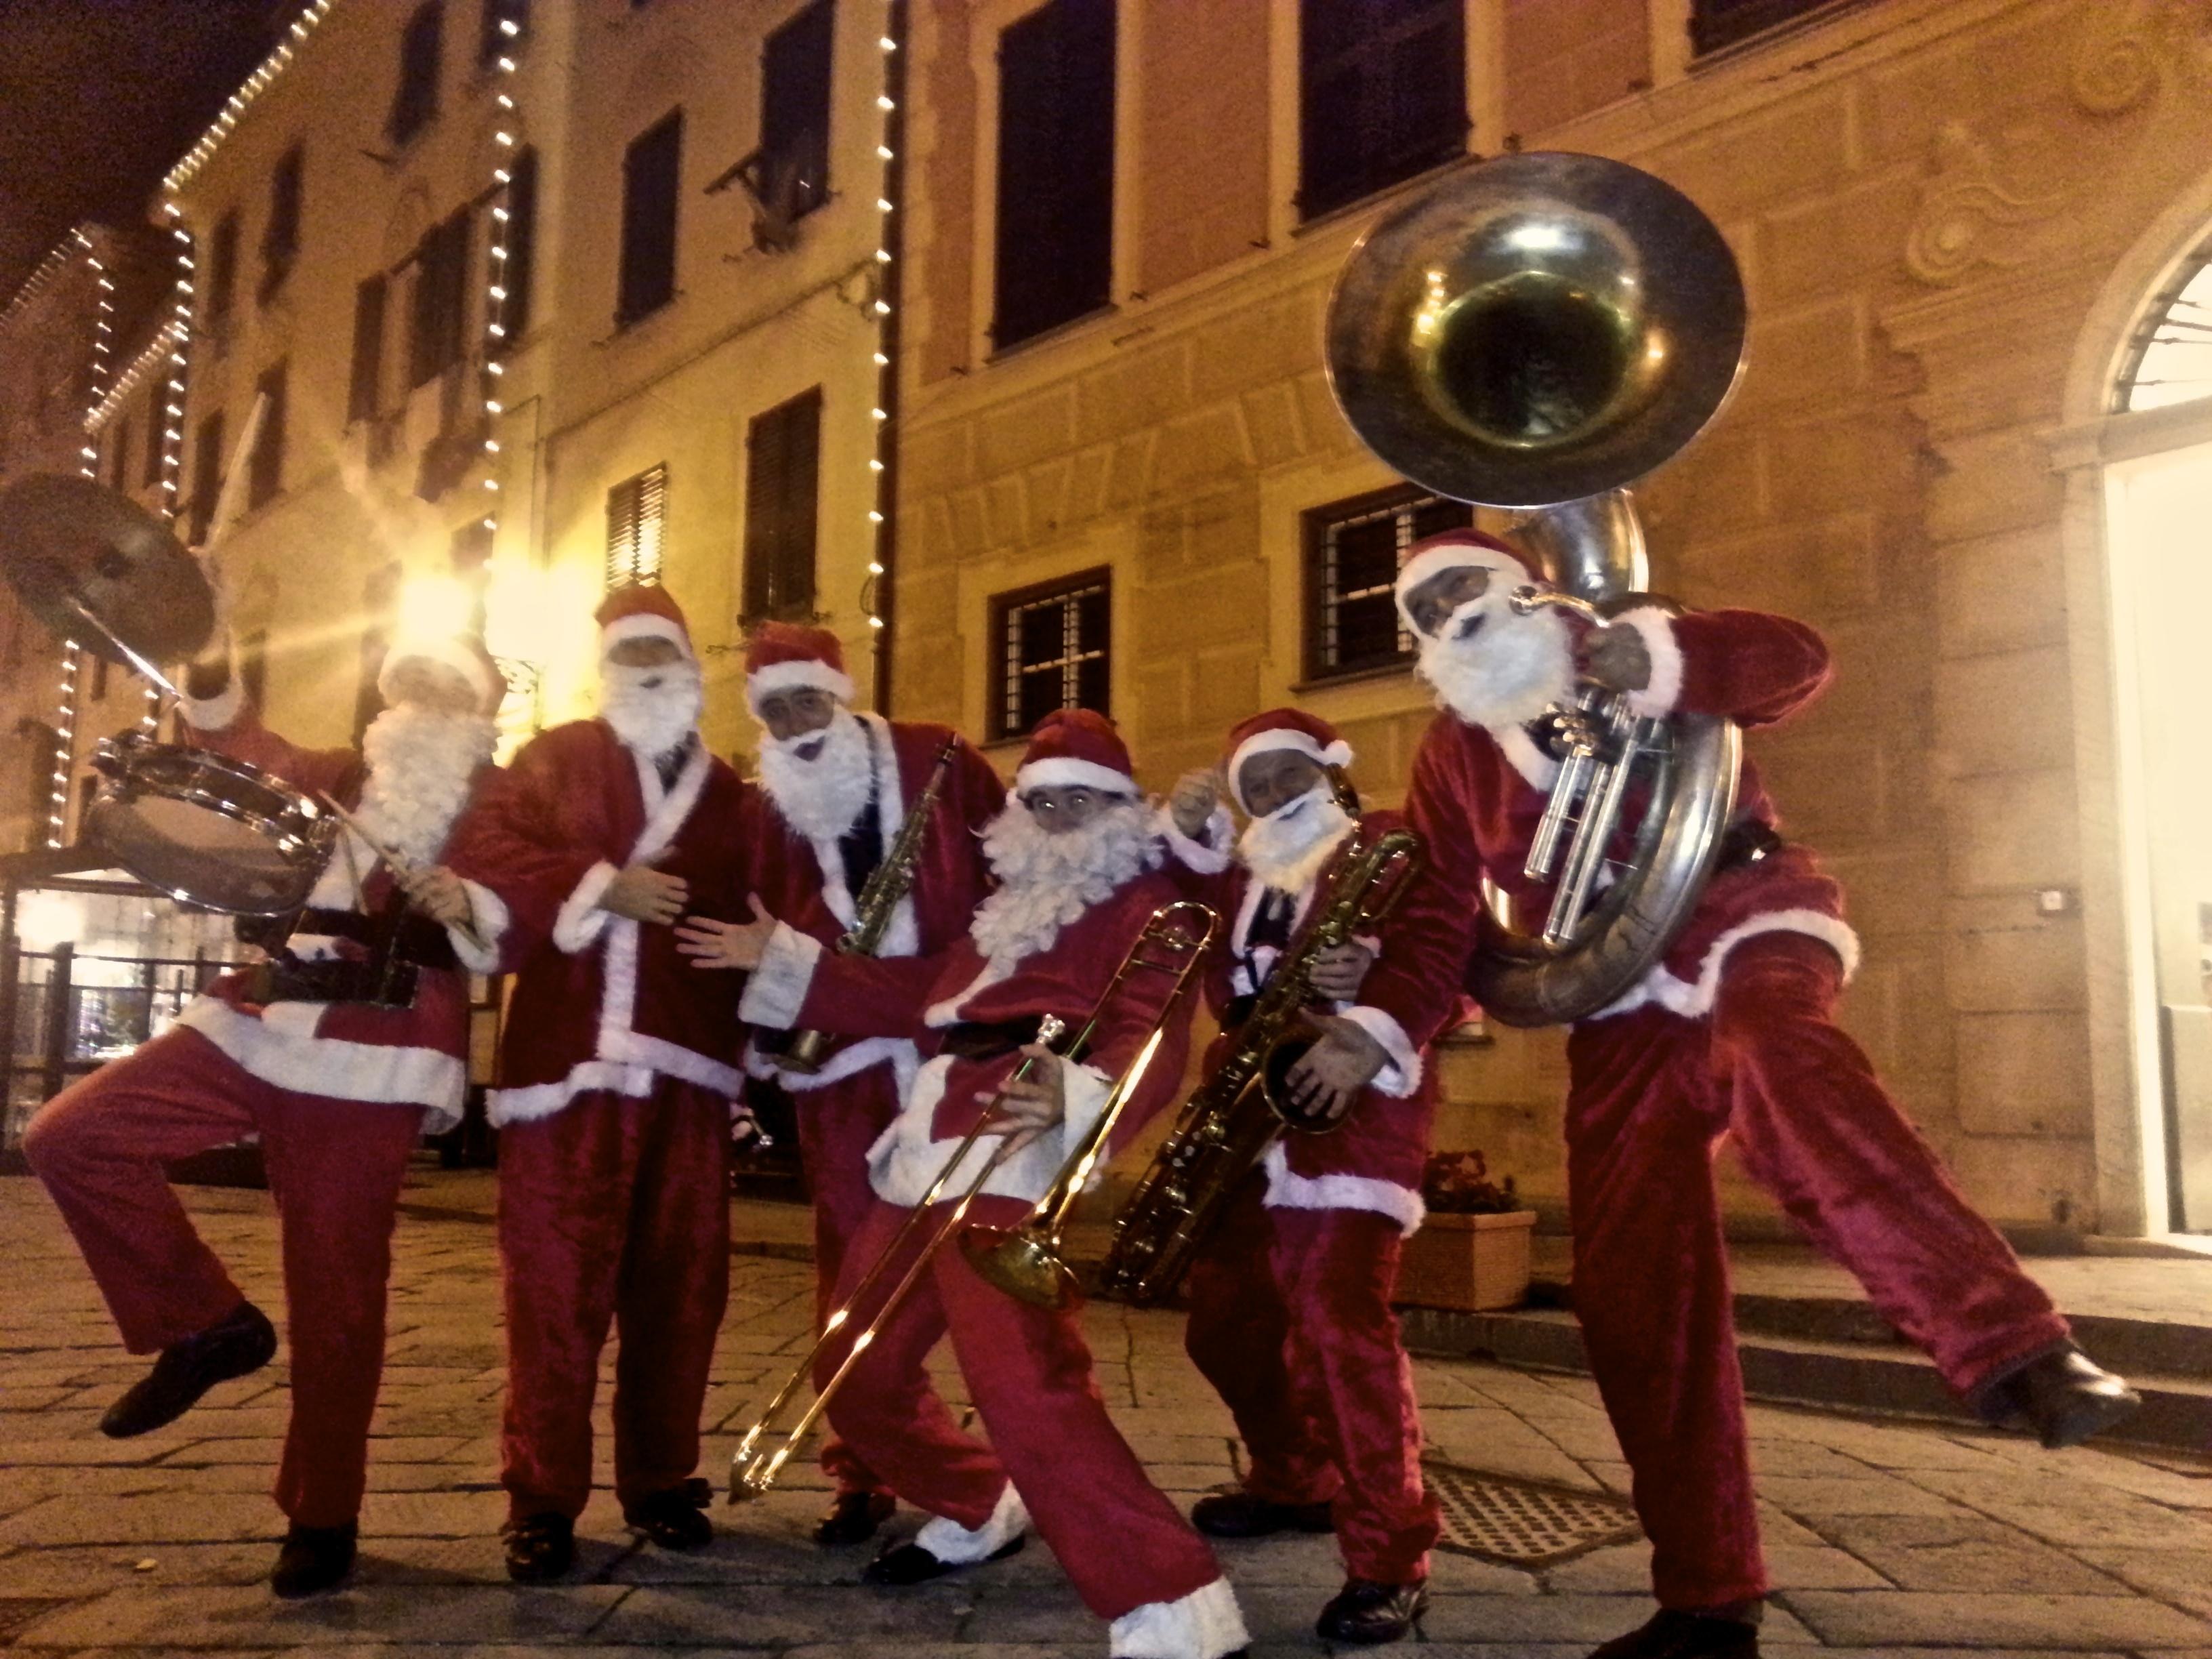 Christmas Street Band